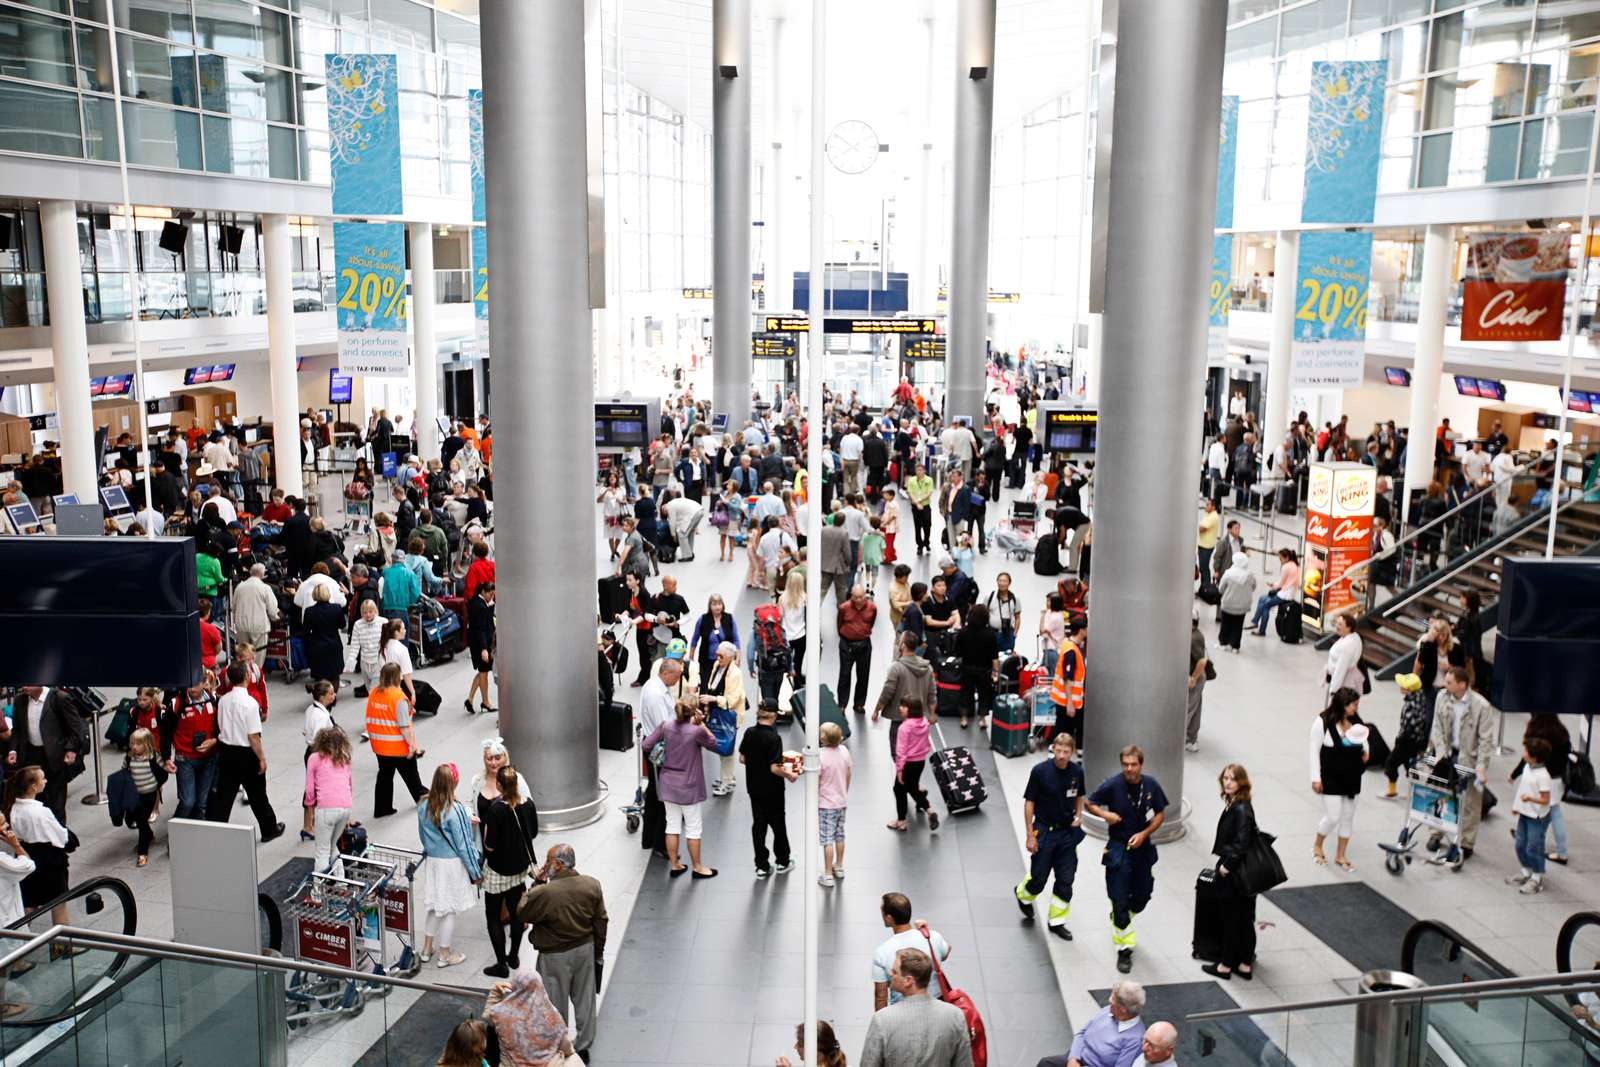 Rejsefeber: Travl Juni I Københavns Lufthavn